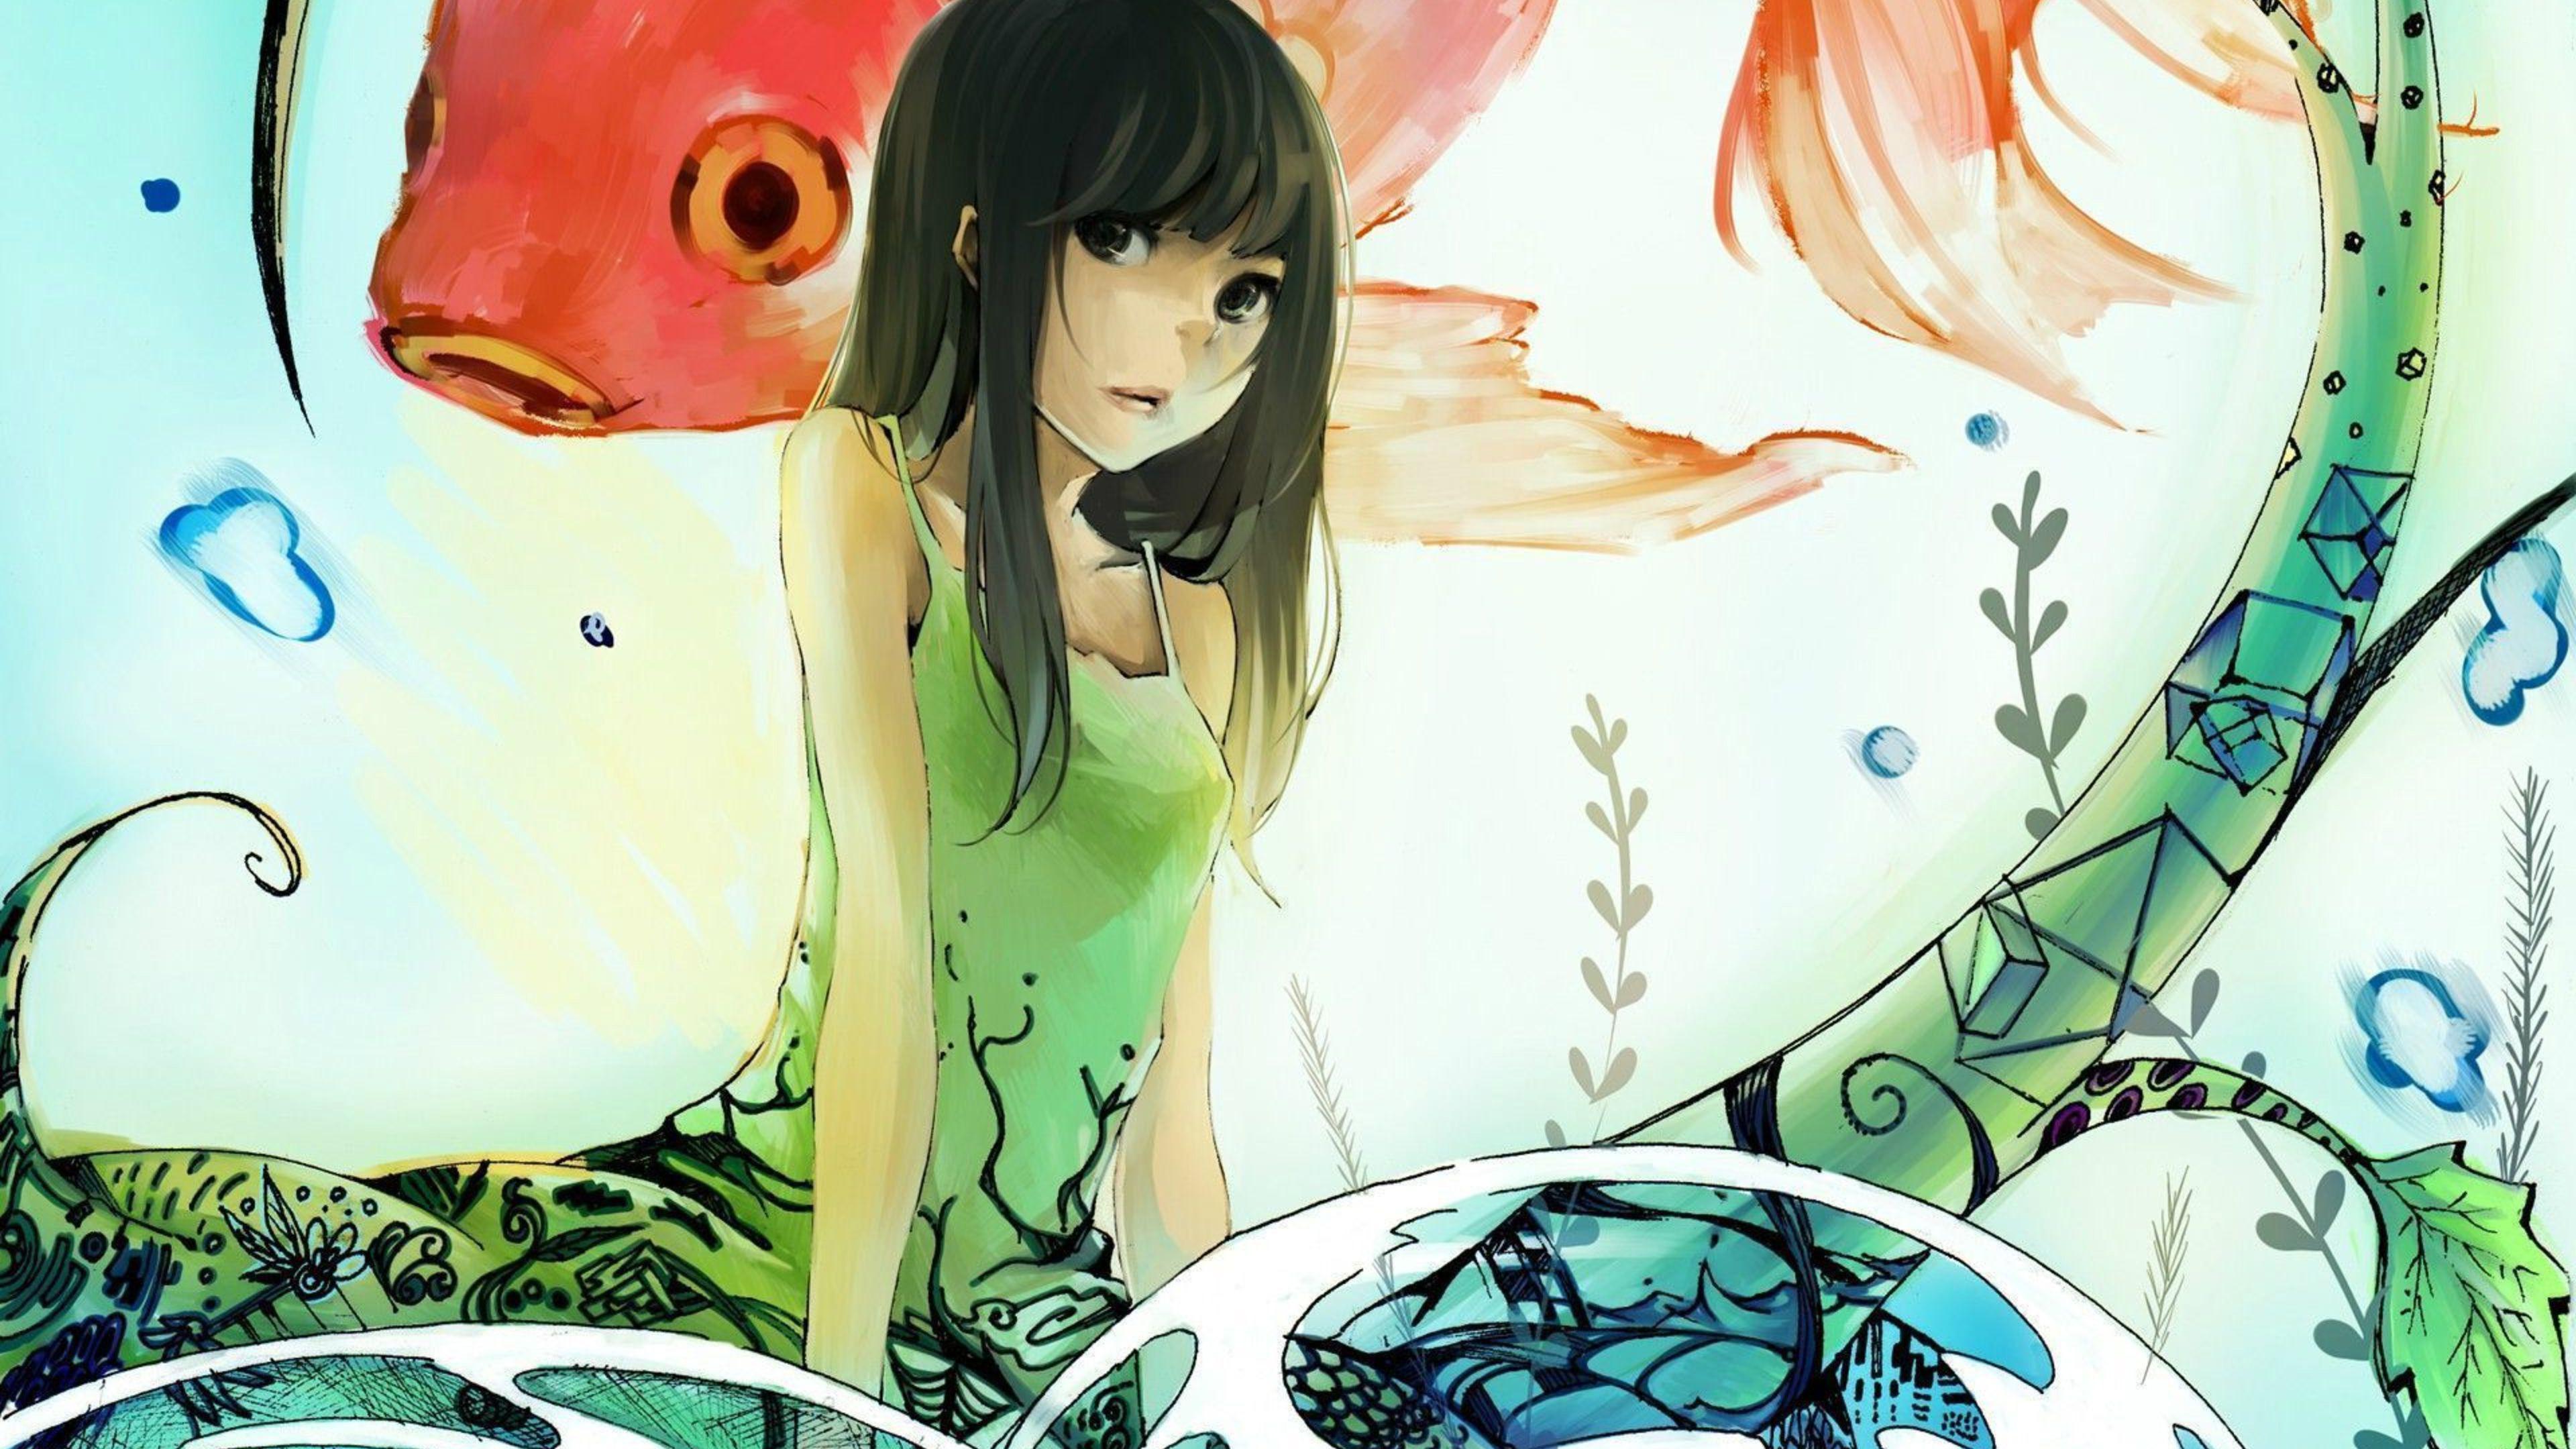 Anime Girl And Koi Fish 4K Wallpaper 3840x2160